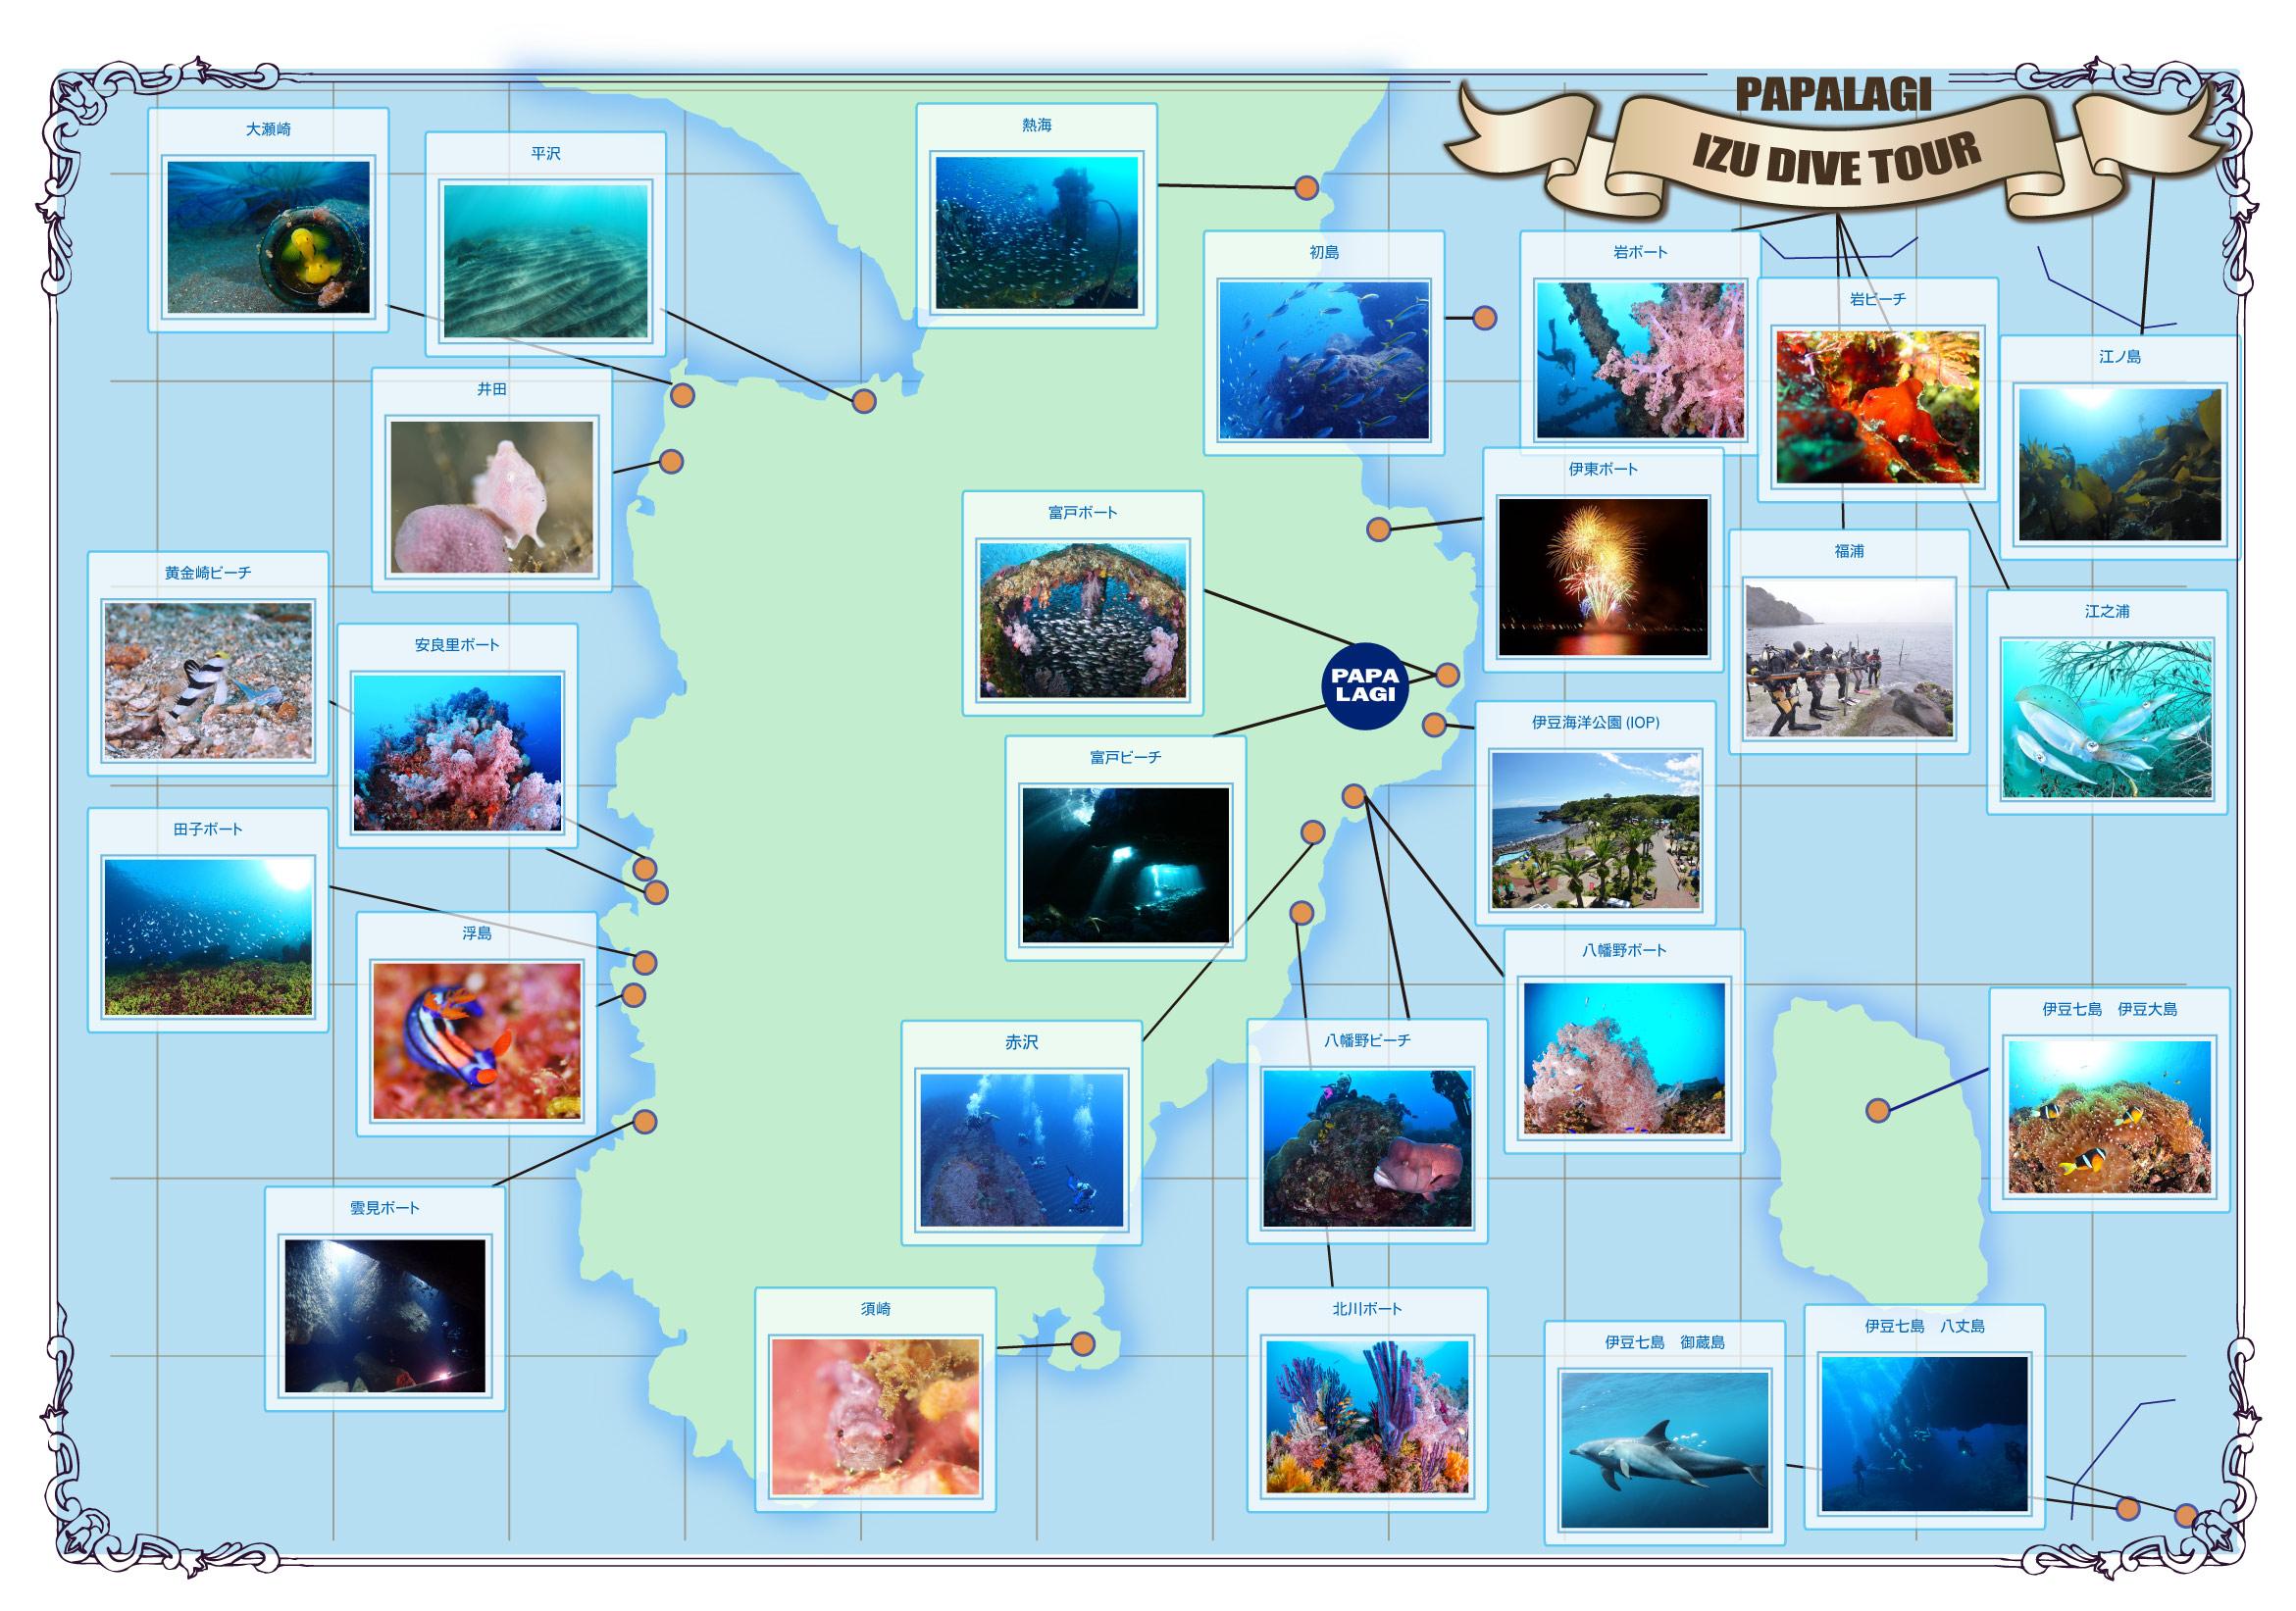 パパラギツアー開催伊豆 地図